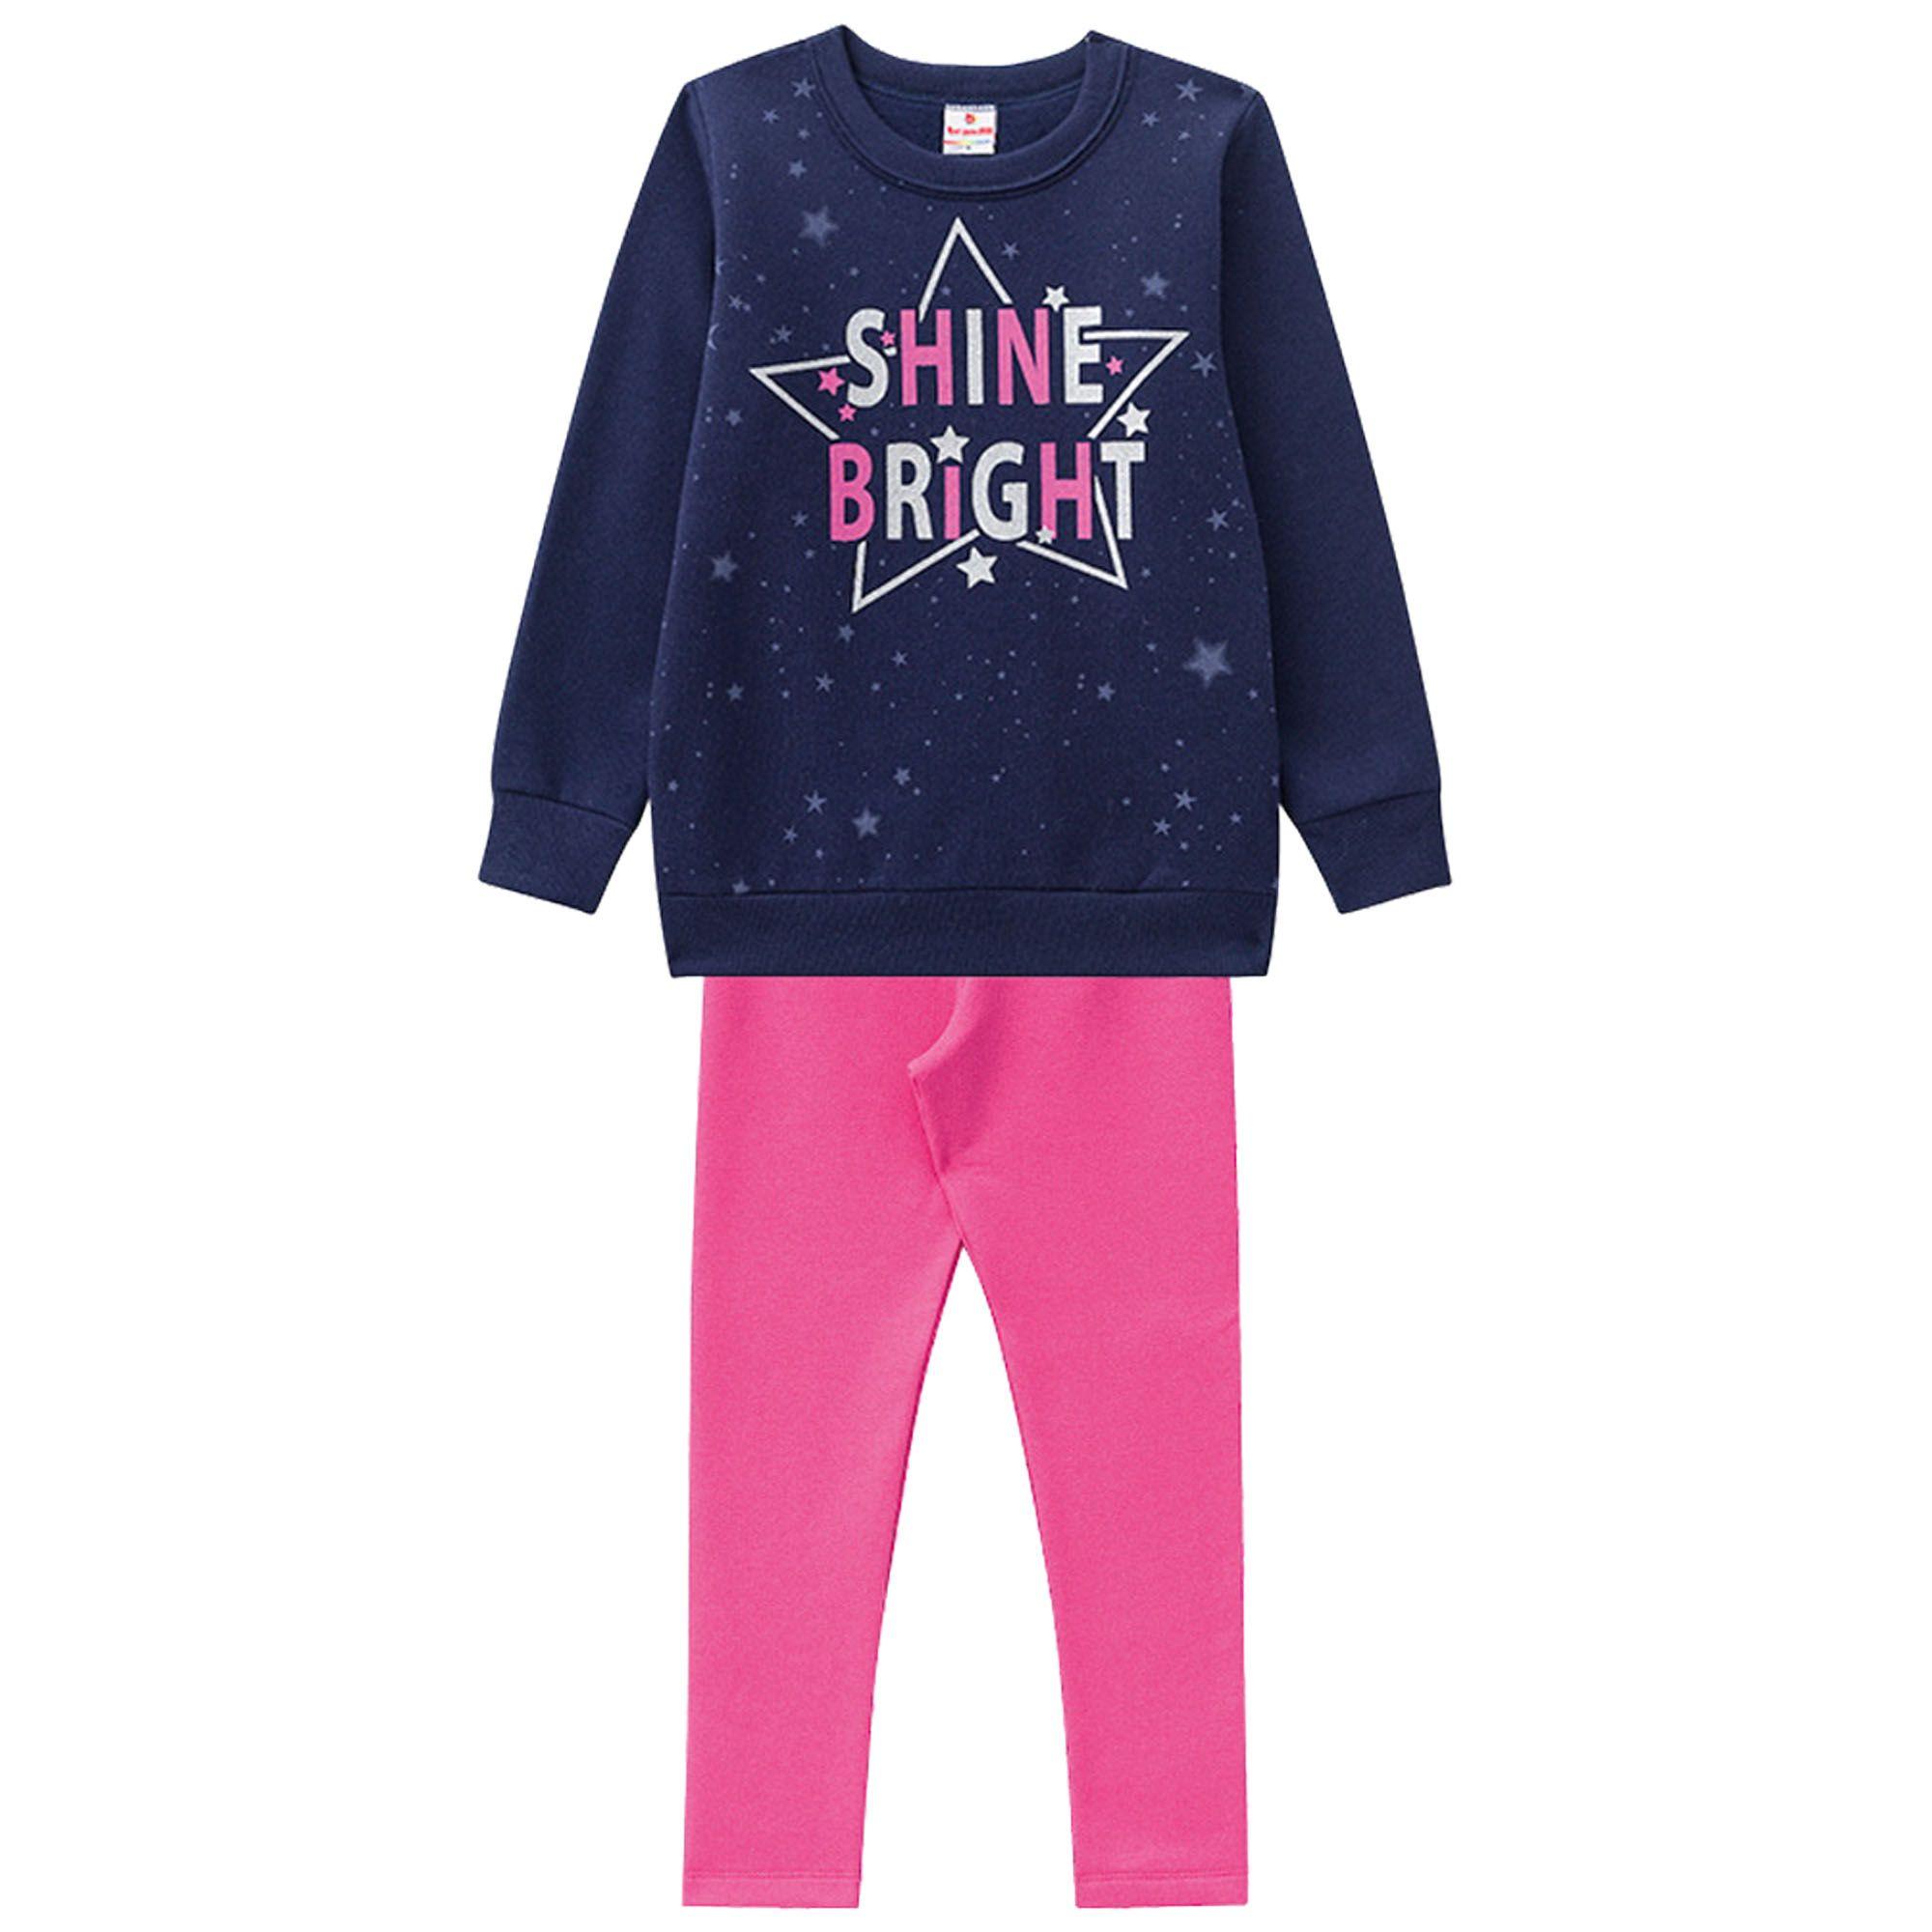 Conjunto Brandili Estampado Estrela Shine Bright com Legging - 4 e 6